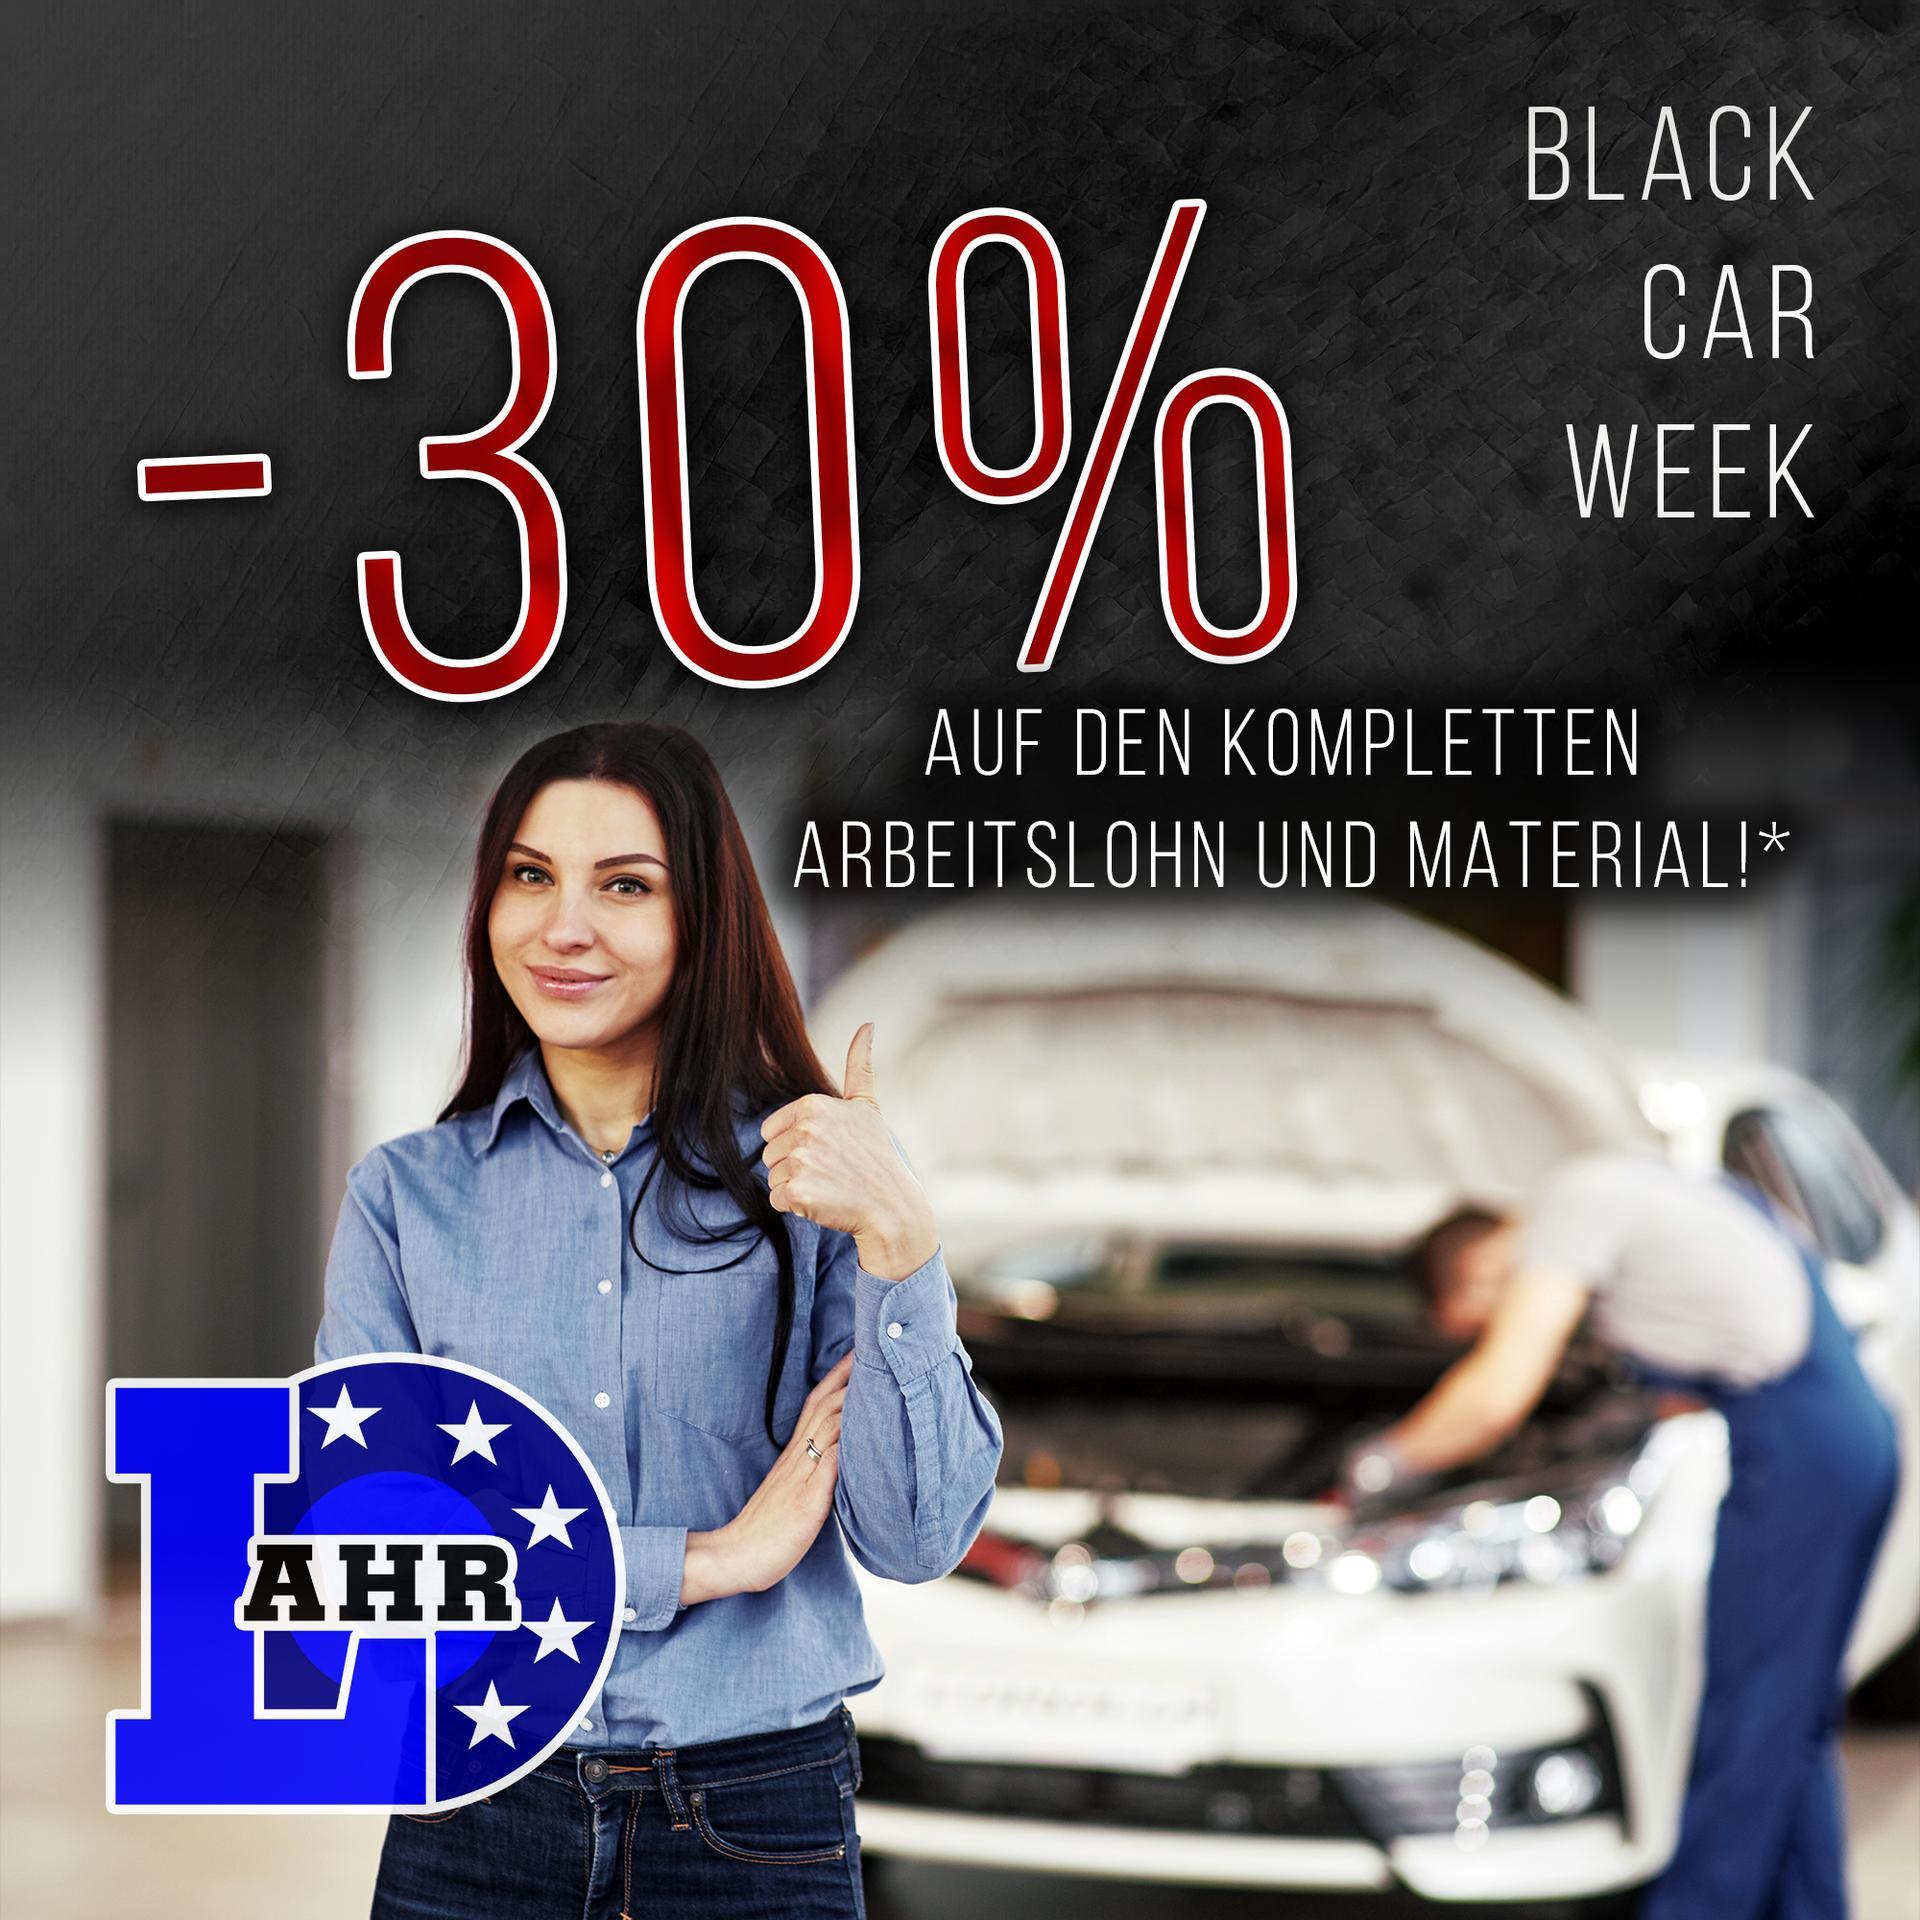 Black Car Week Angebote 2020